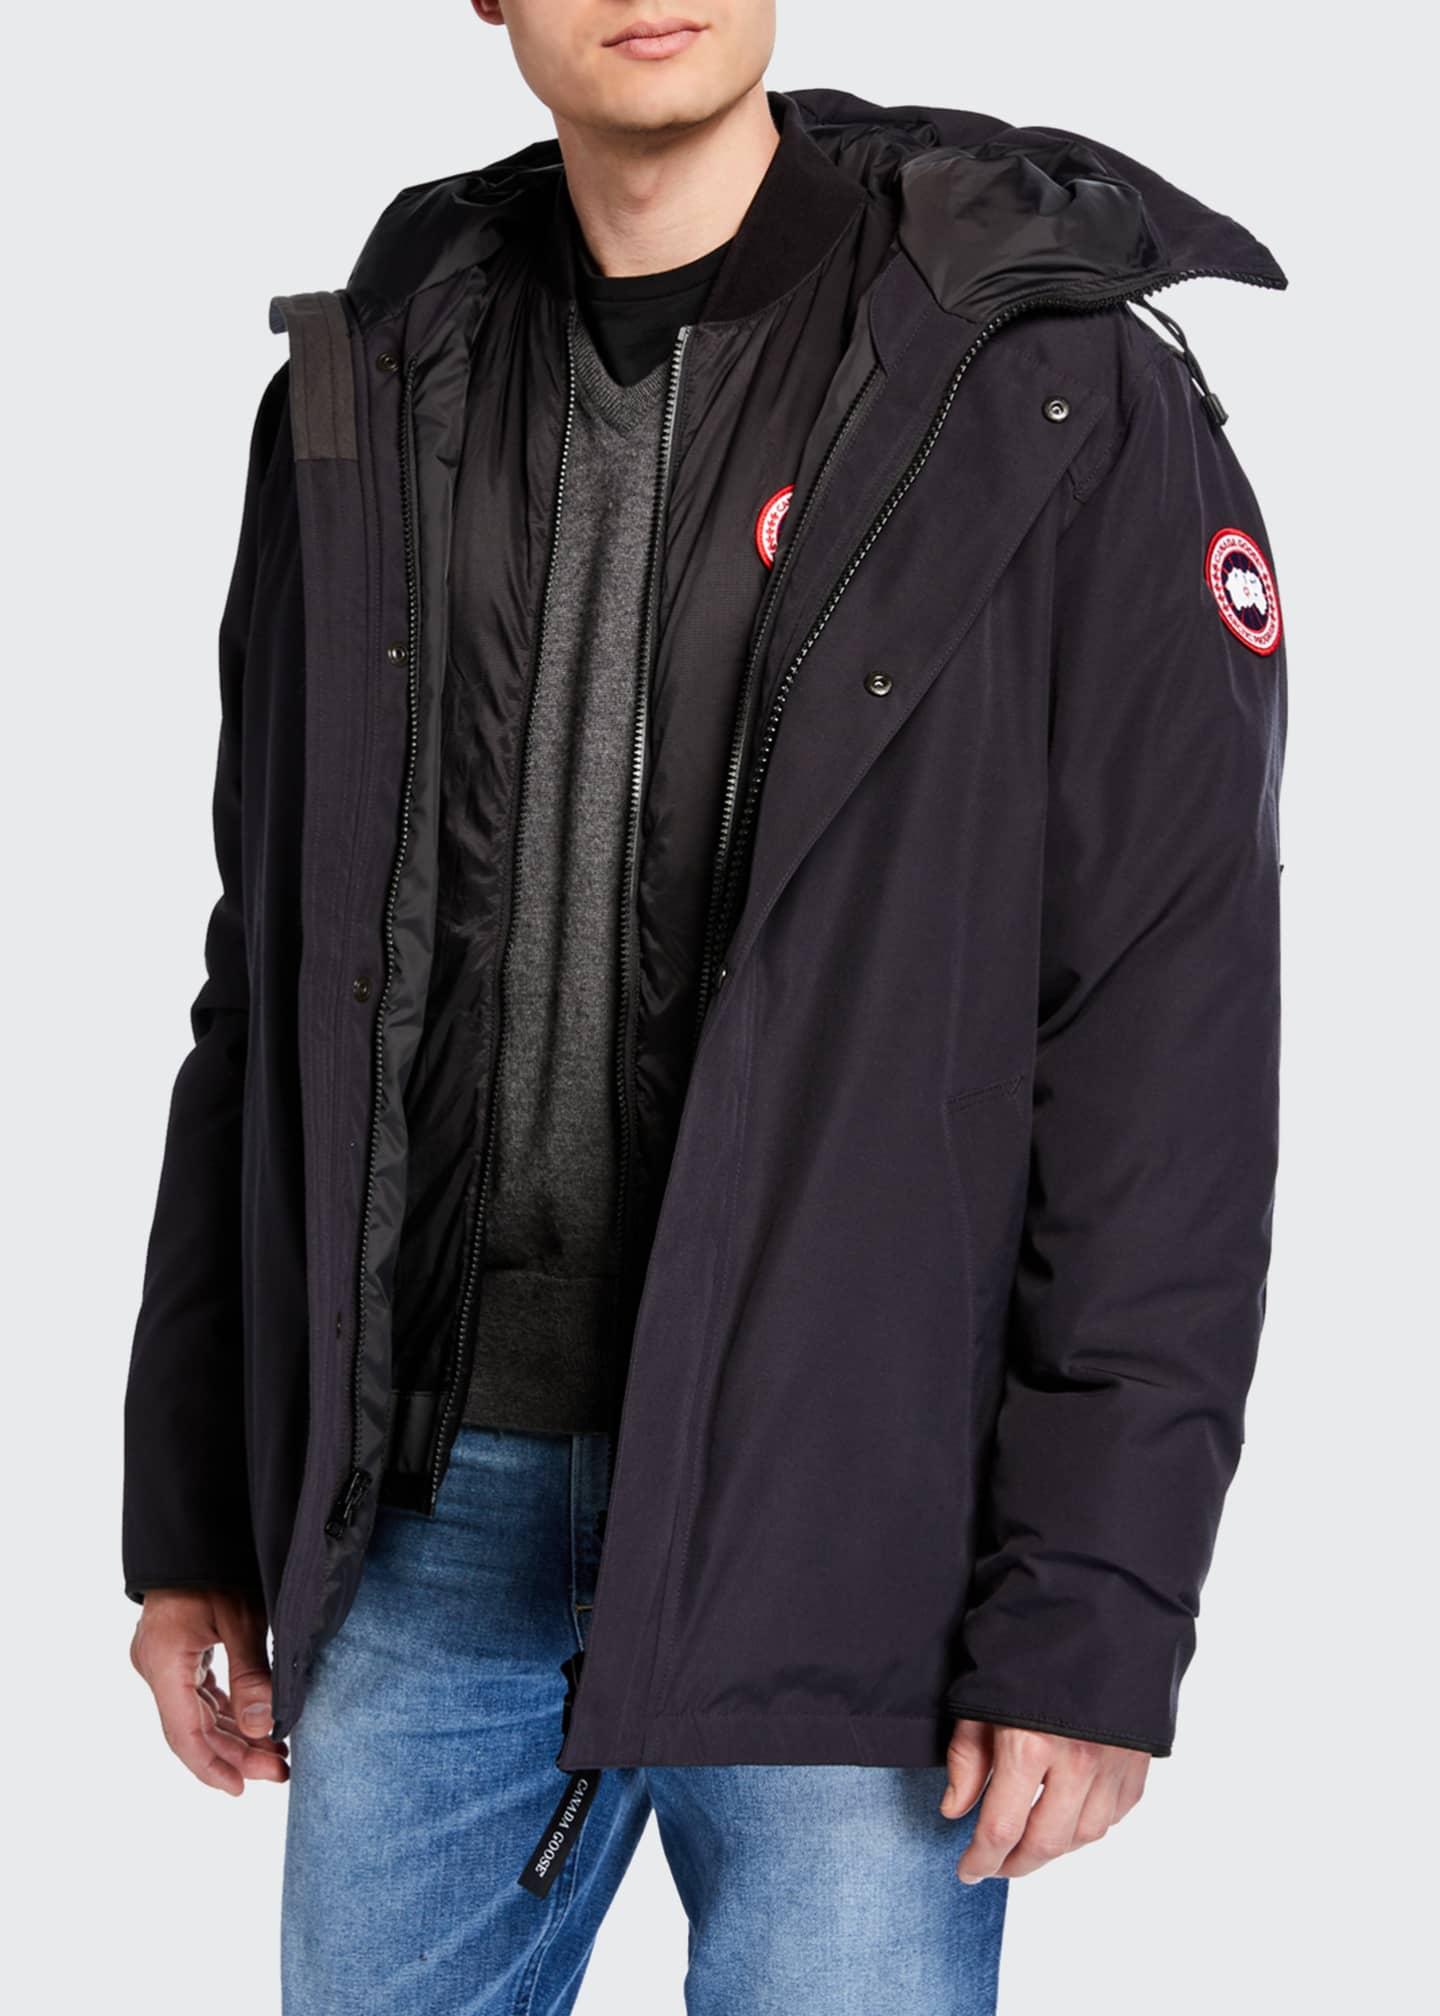 Canada Goose Men's Garibaldi 3-in-1 Parka Coat